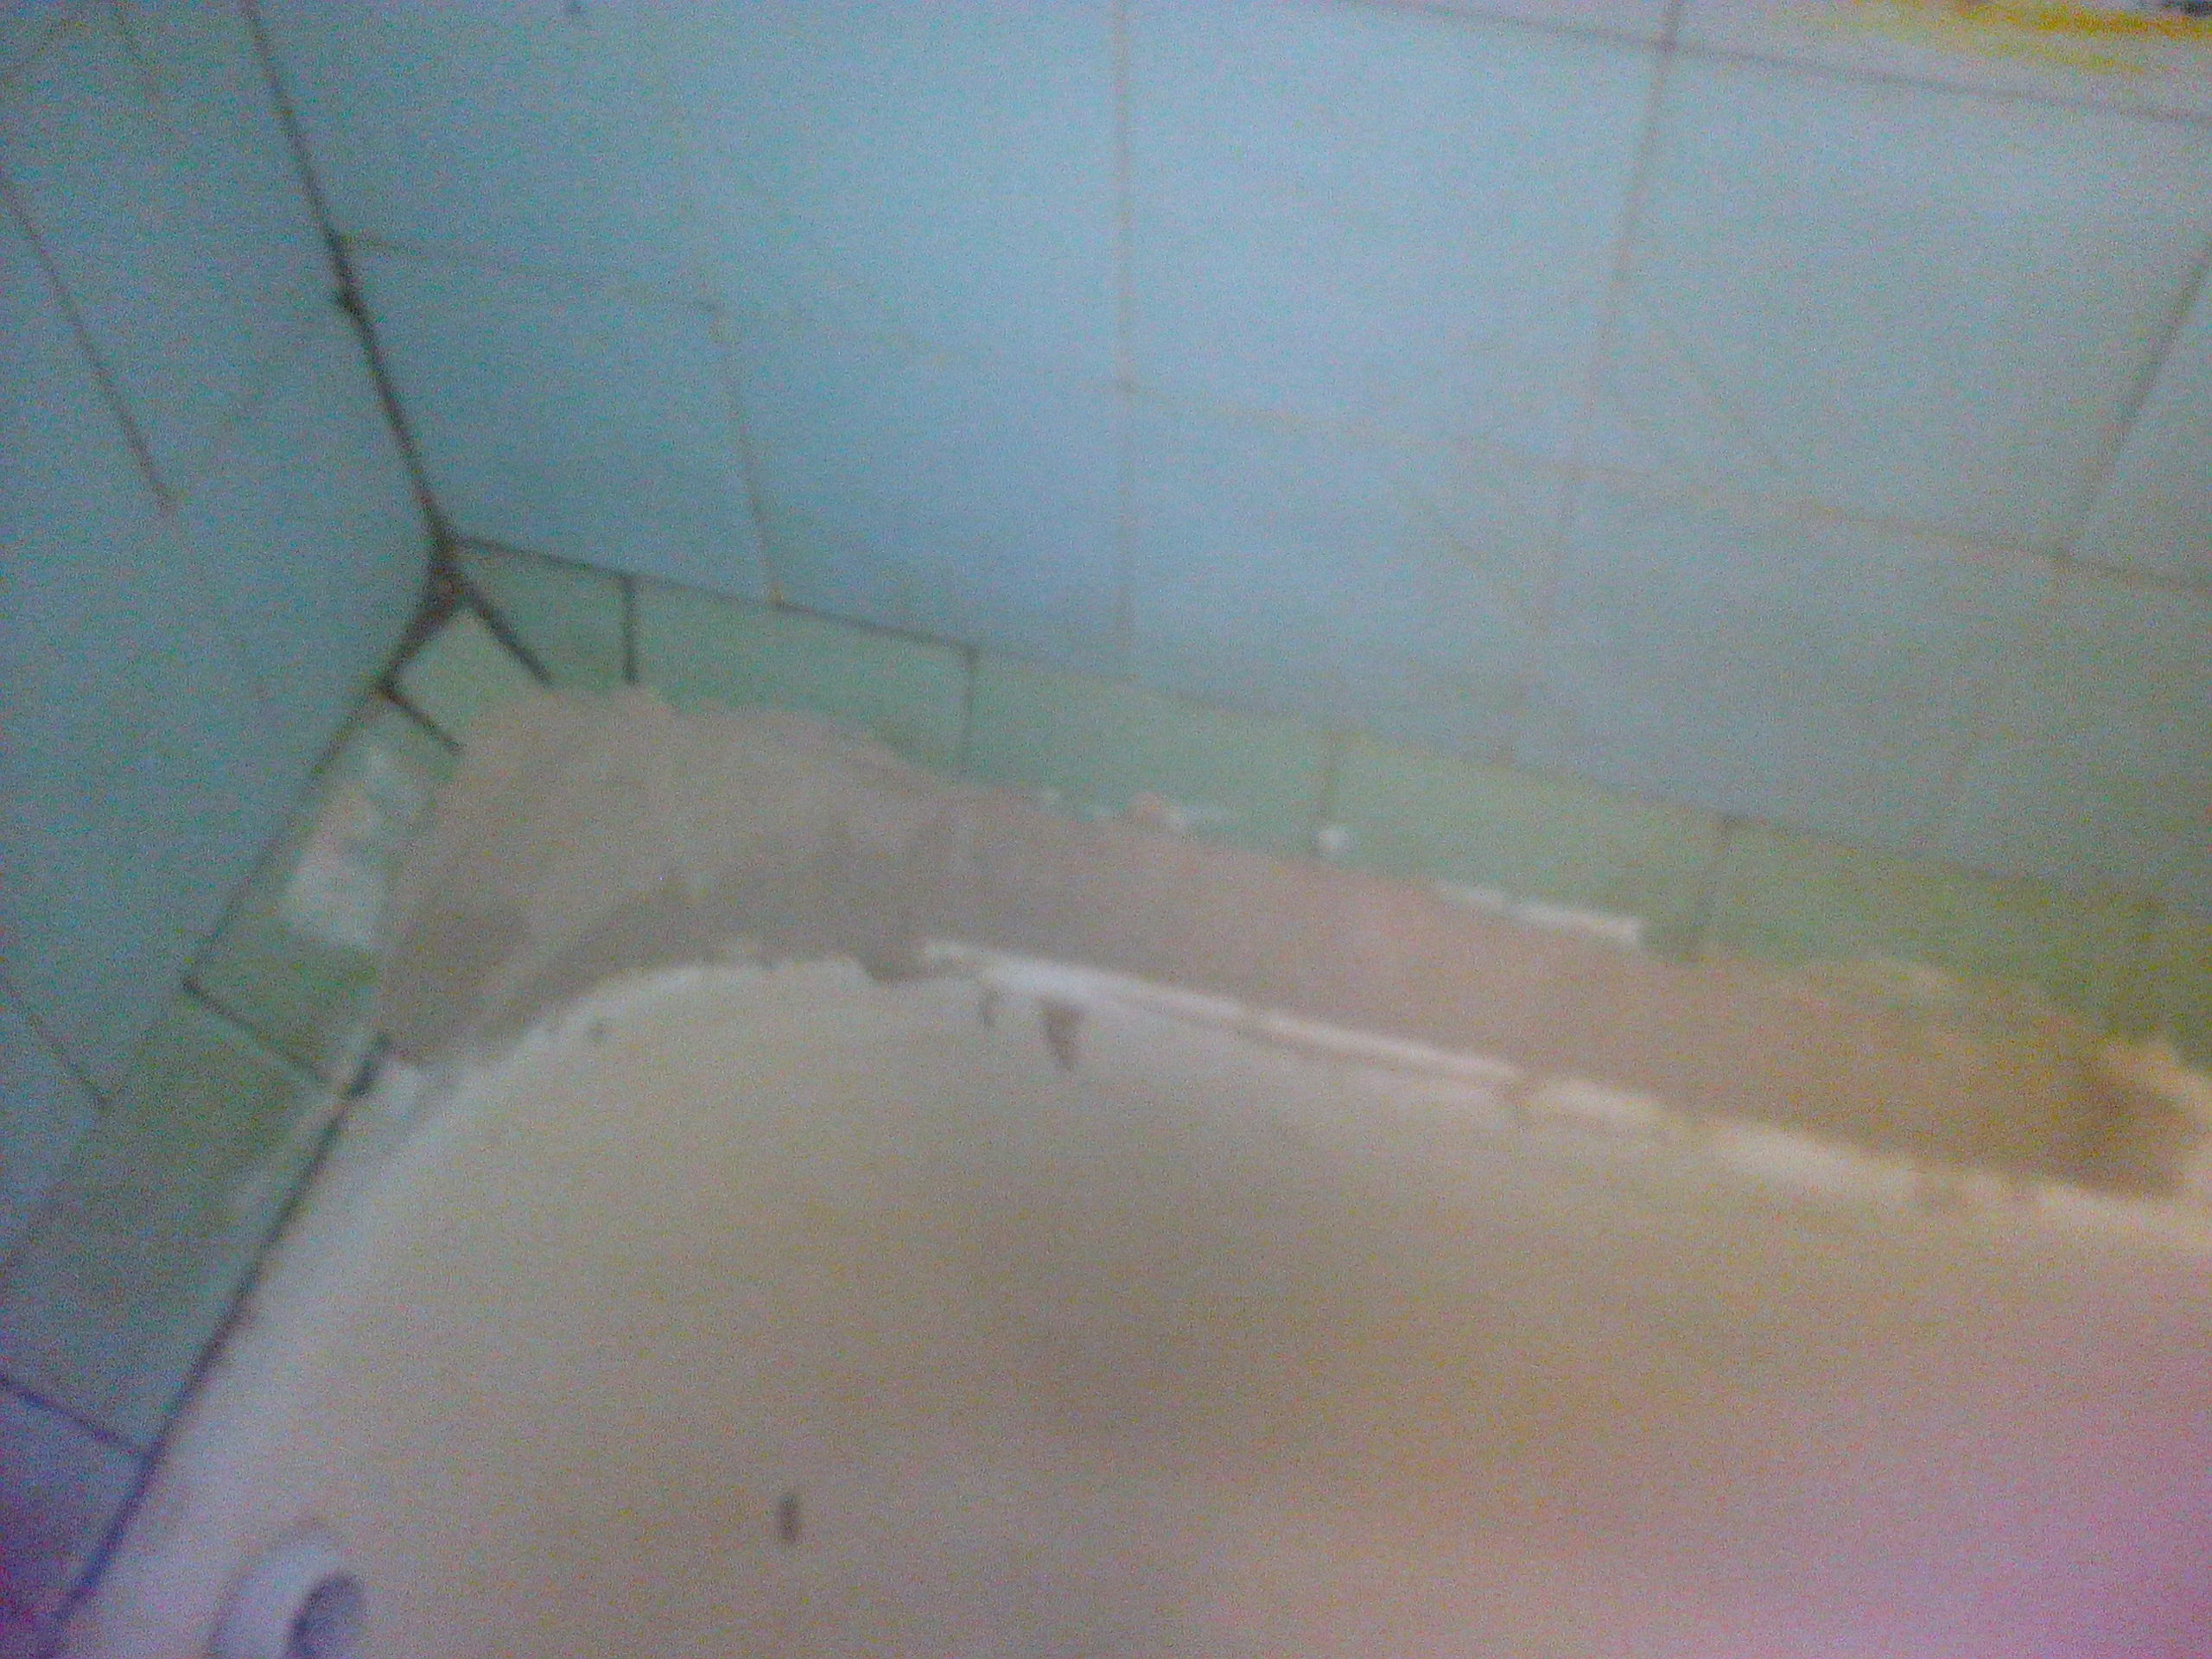 Как заделать стык между ванной и стеной: монтажный инструктаж 18